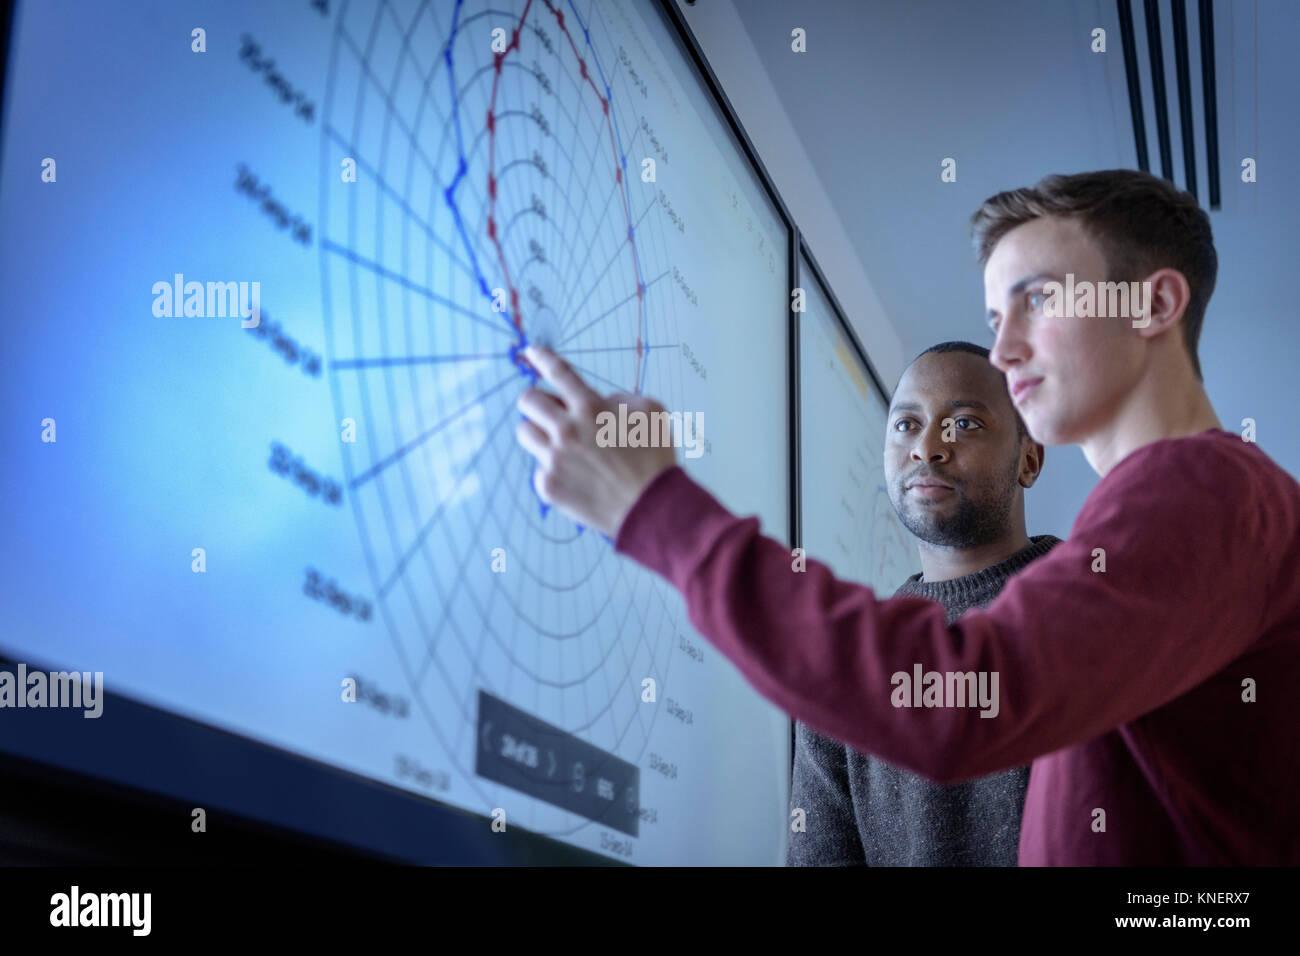 Enseignant et étudiant apprenti affichage écran graphique dans l'ingénierie ferroviaire mondial Photo Stock